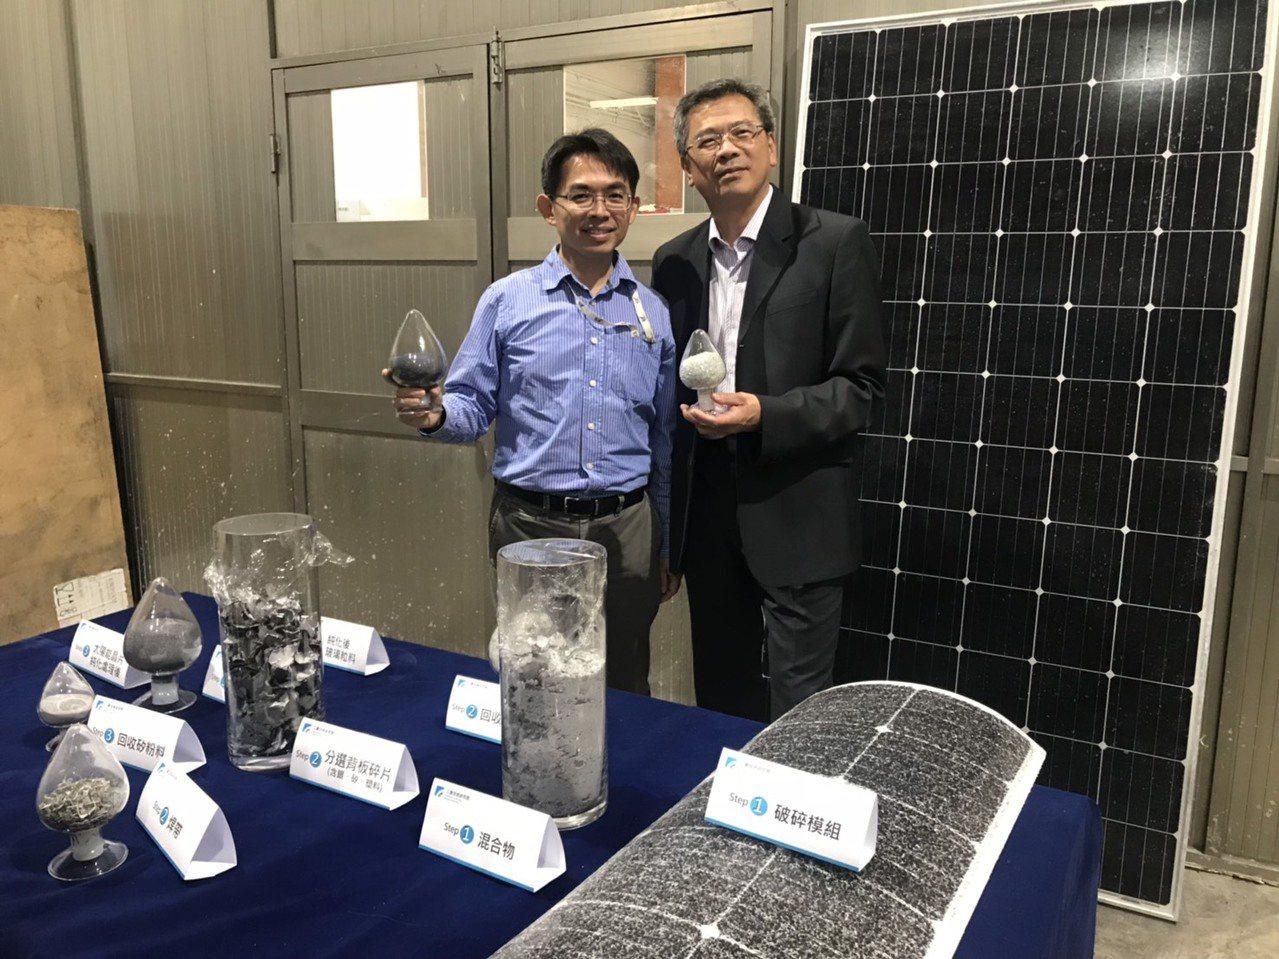 今天發表的技術展現工研院從太陽能板回收、設計、測試、發電,及儲能系統等五項關鍵技...